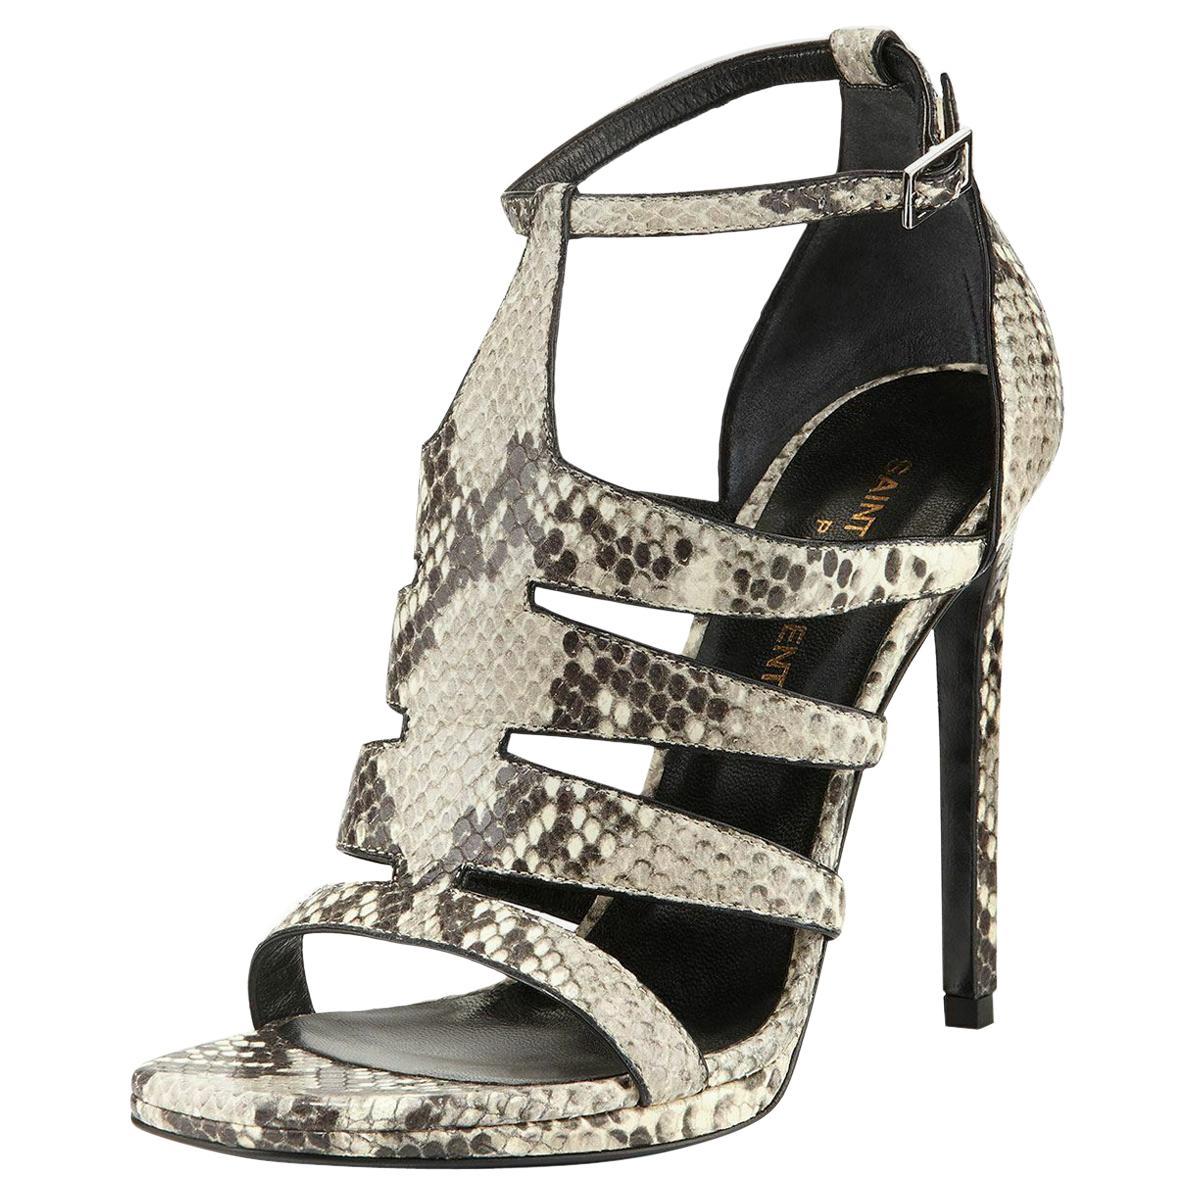 Saint Laurent Python-Print Cutout Sandals